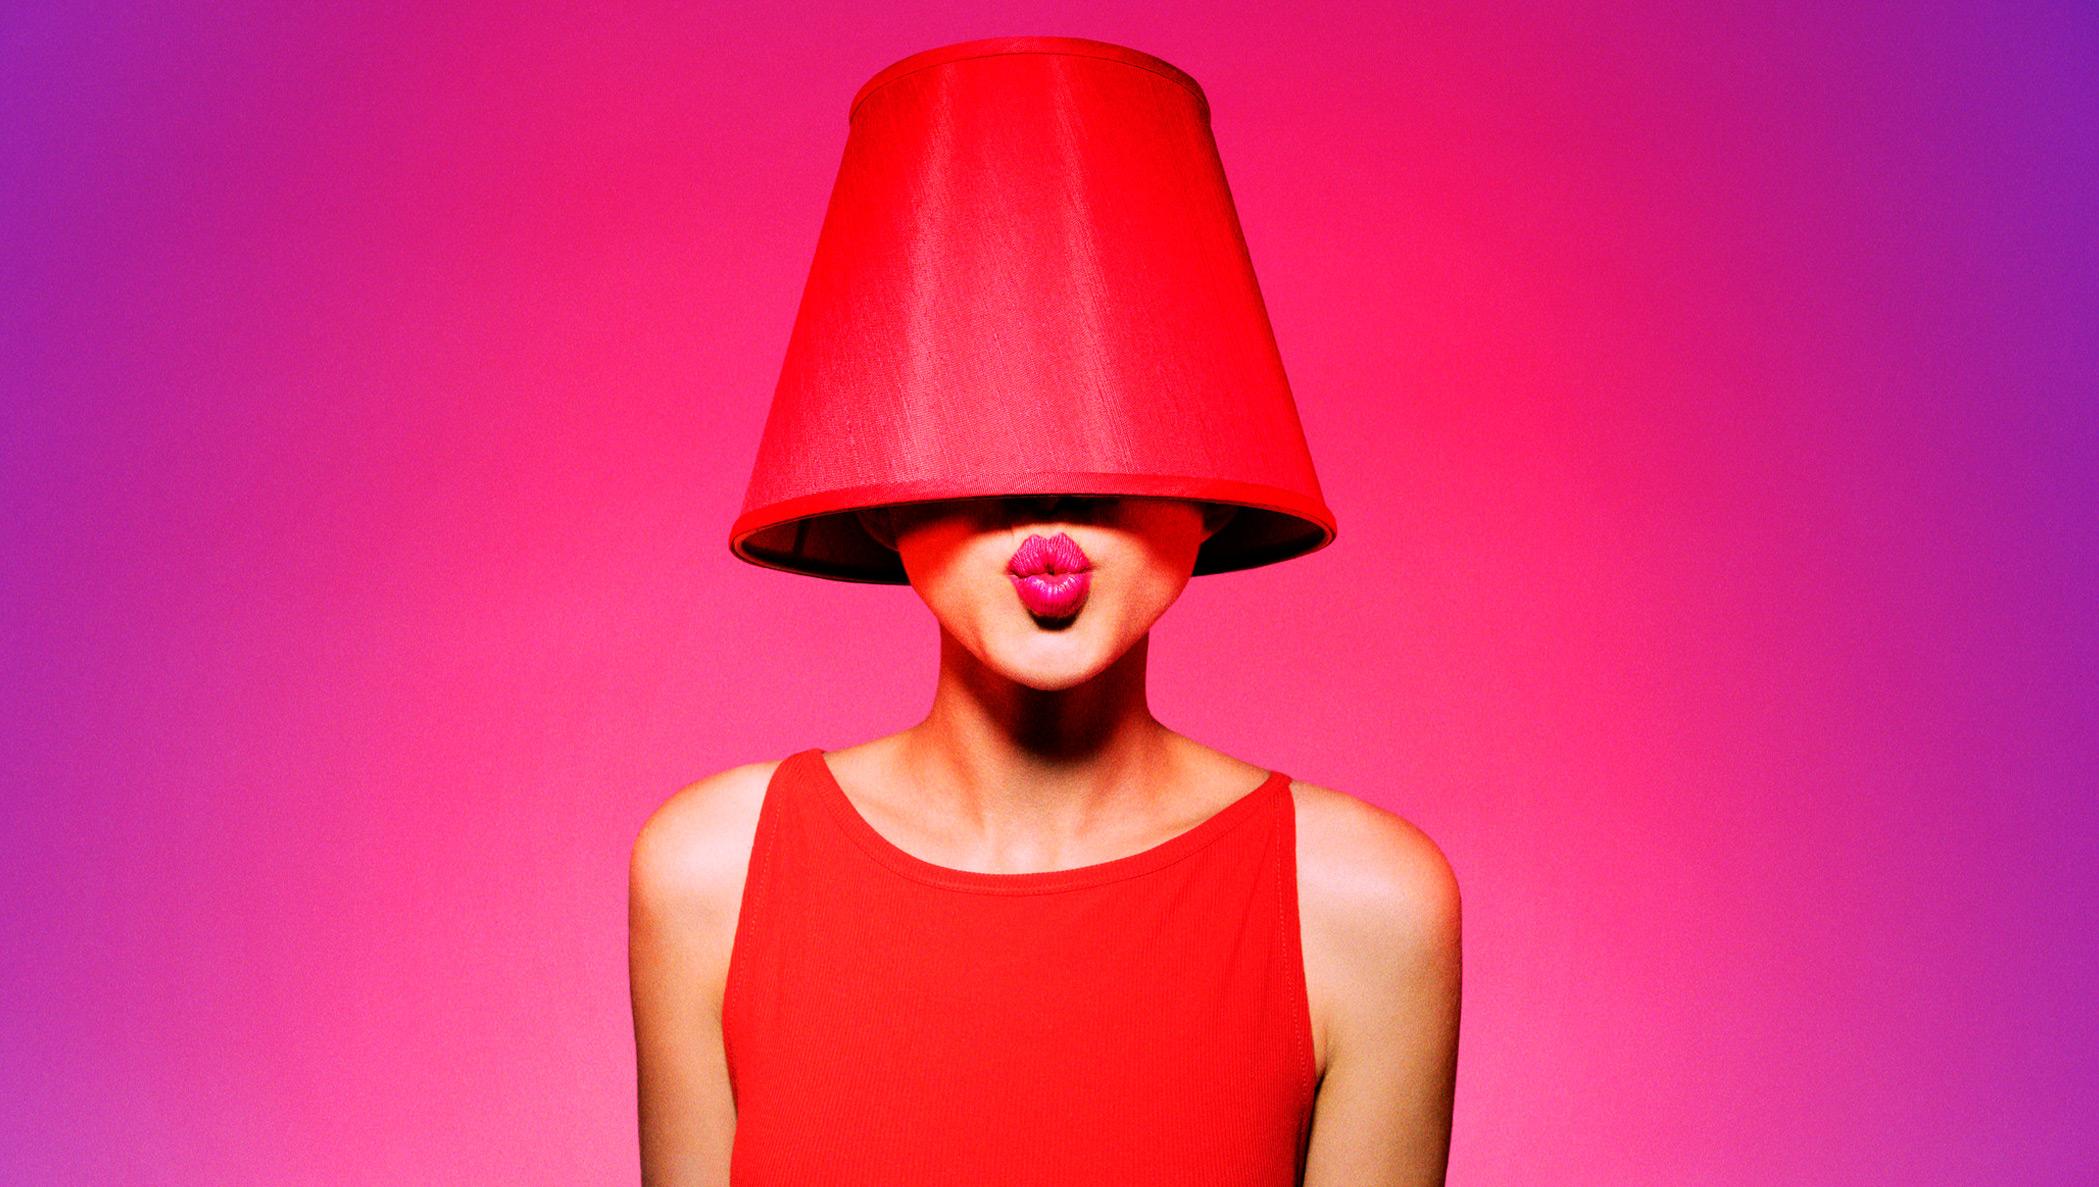 women's red scoop-neck sleeveless top